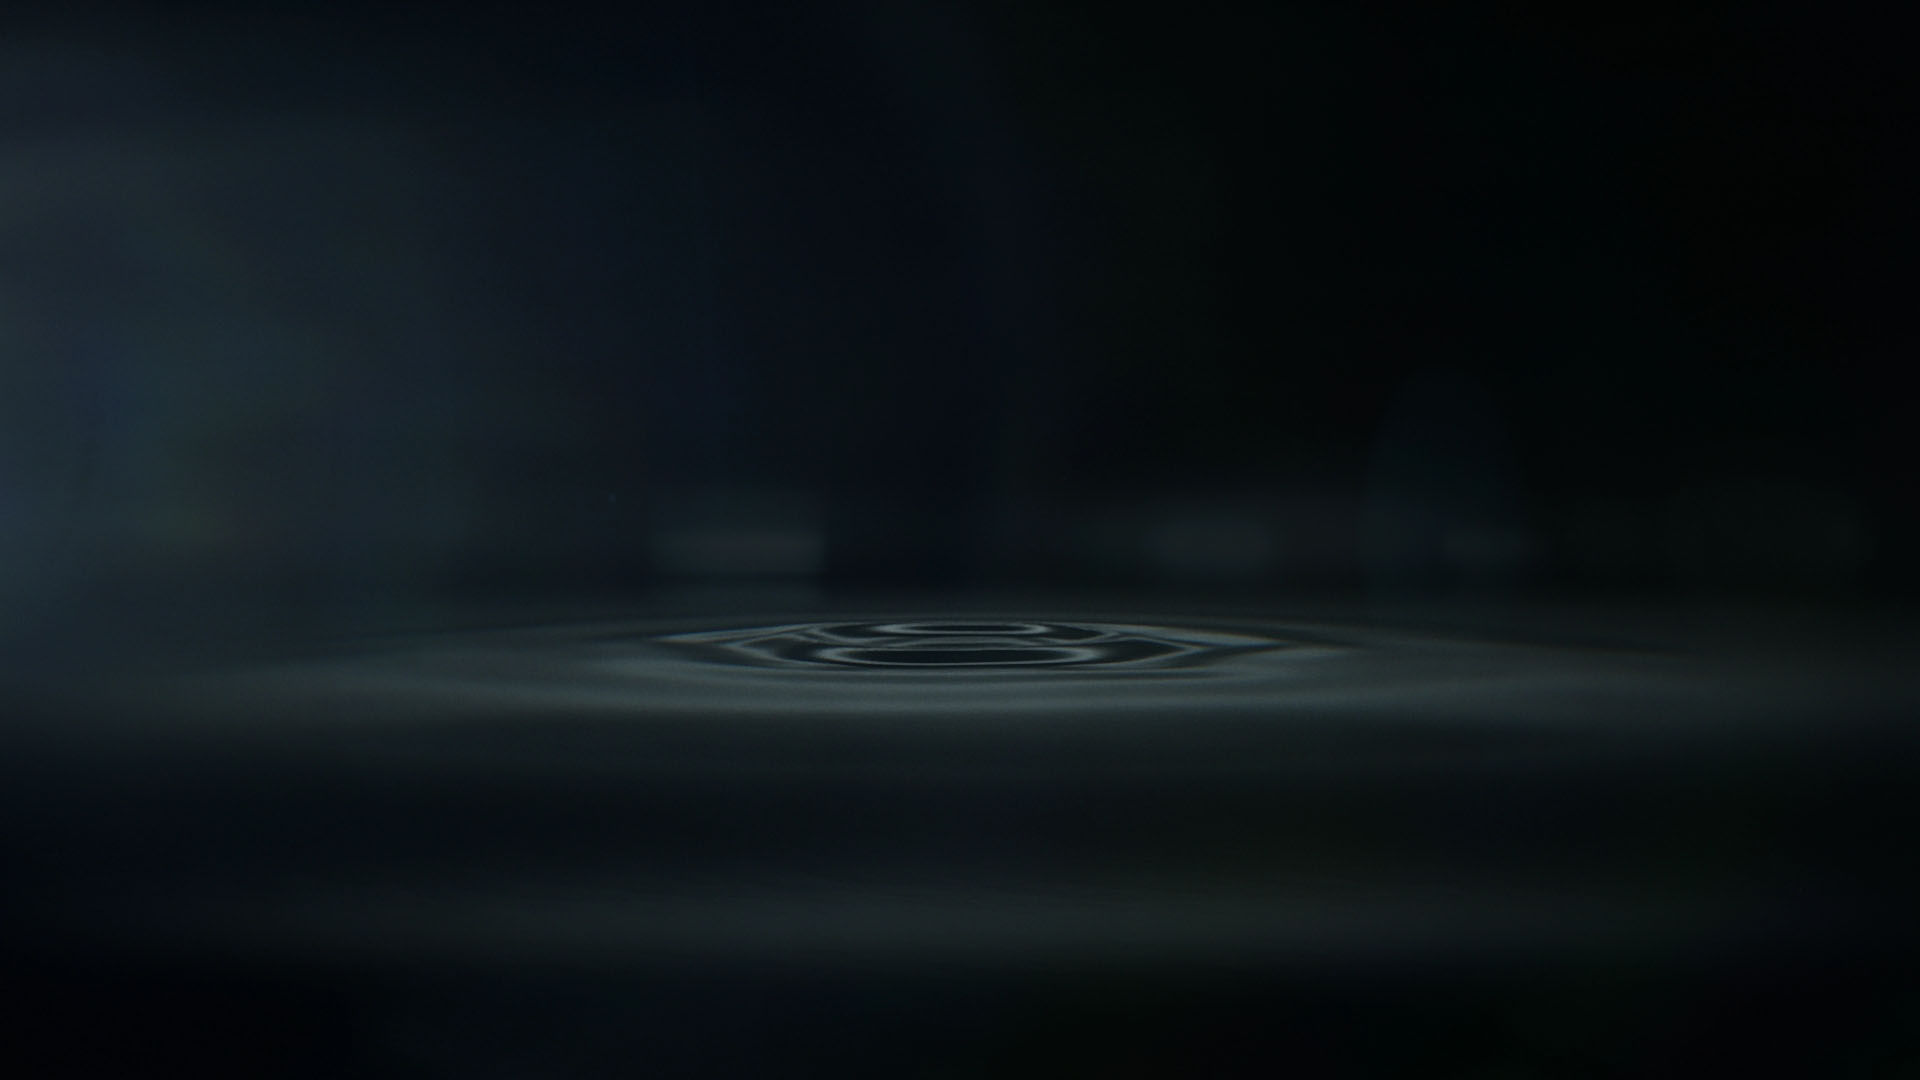 liquid_metal_002.jpg